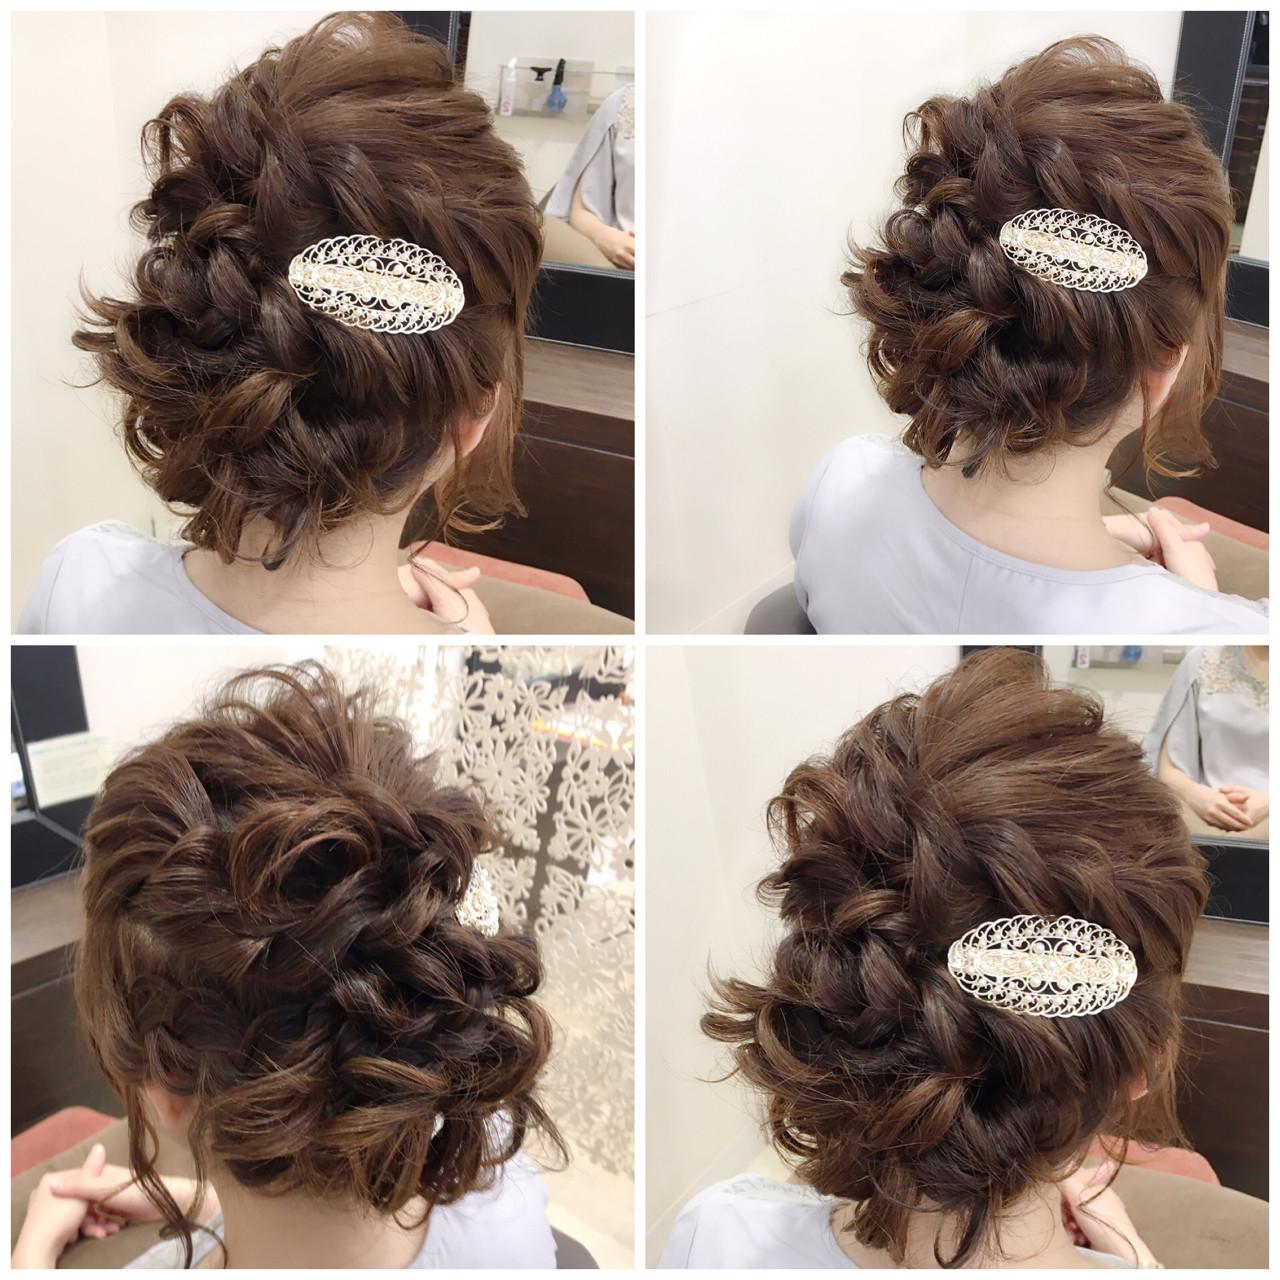 ナチュラル ボブ 結婚式 ヘアアレンジ ヘアスタイルや髪型の写真・画像